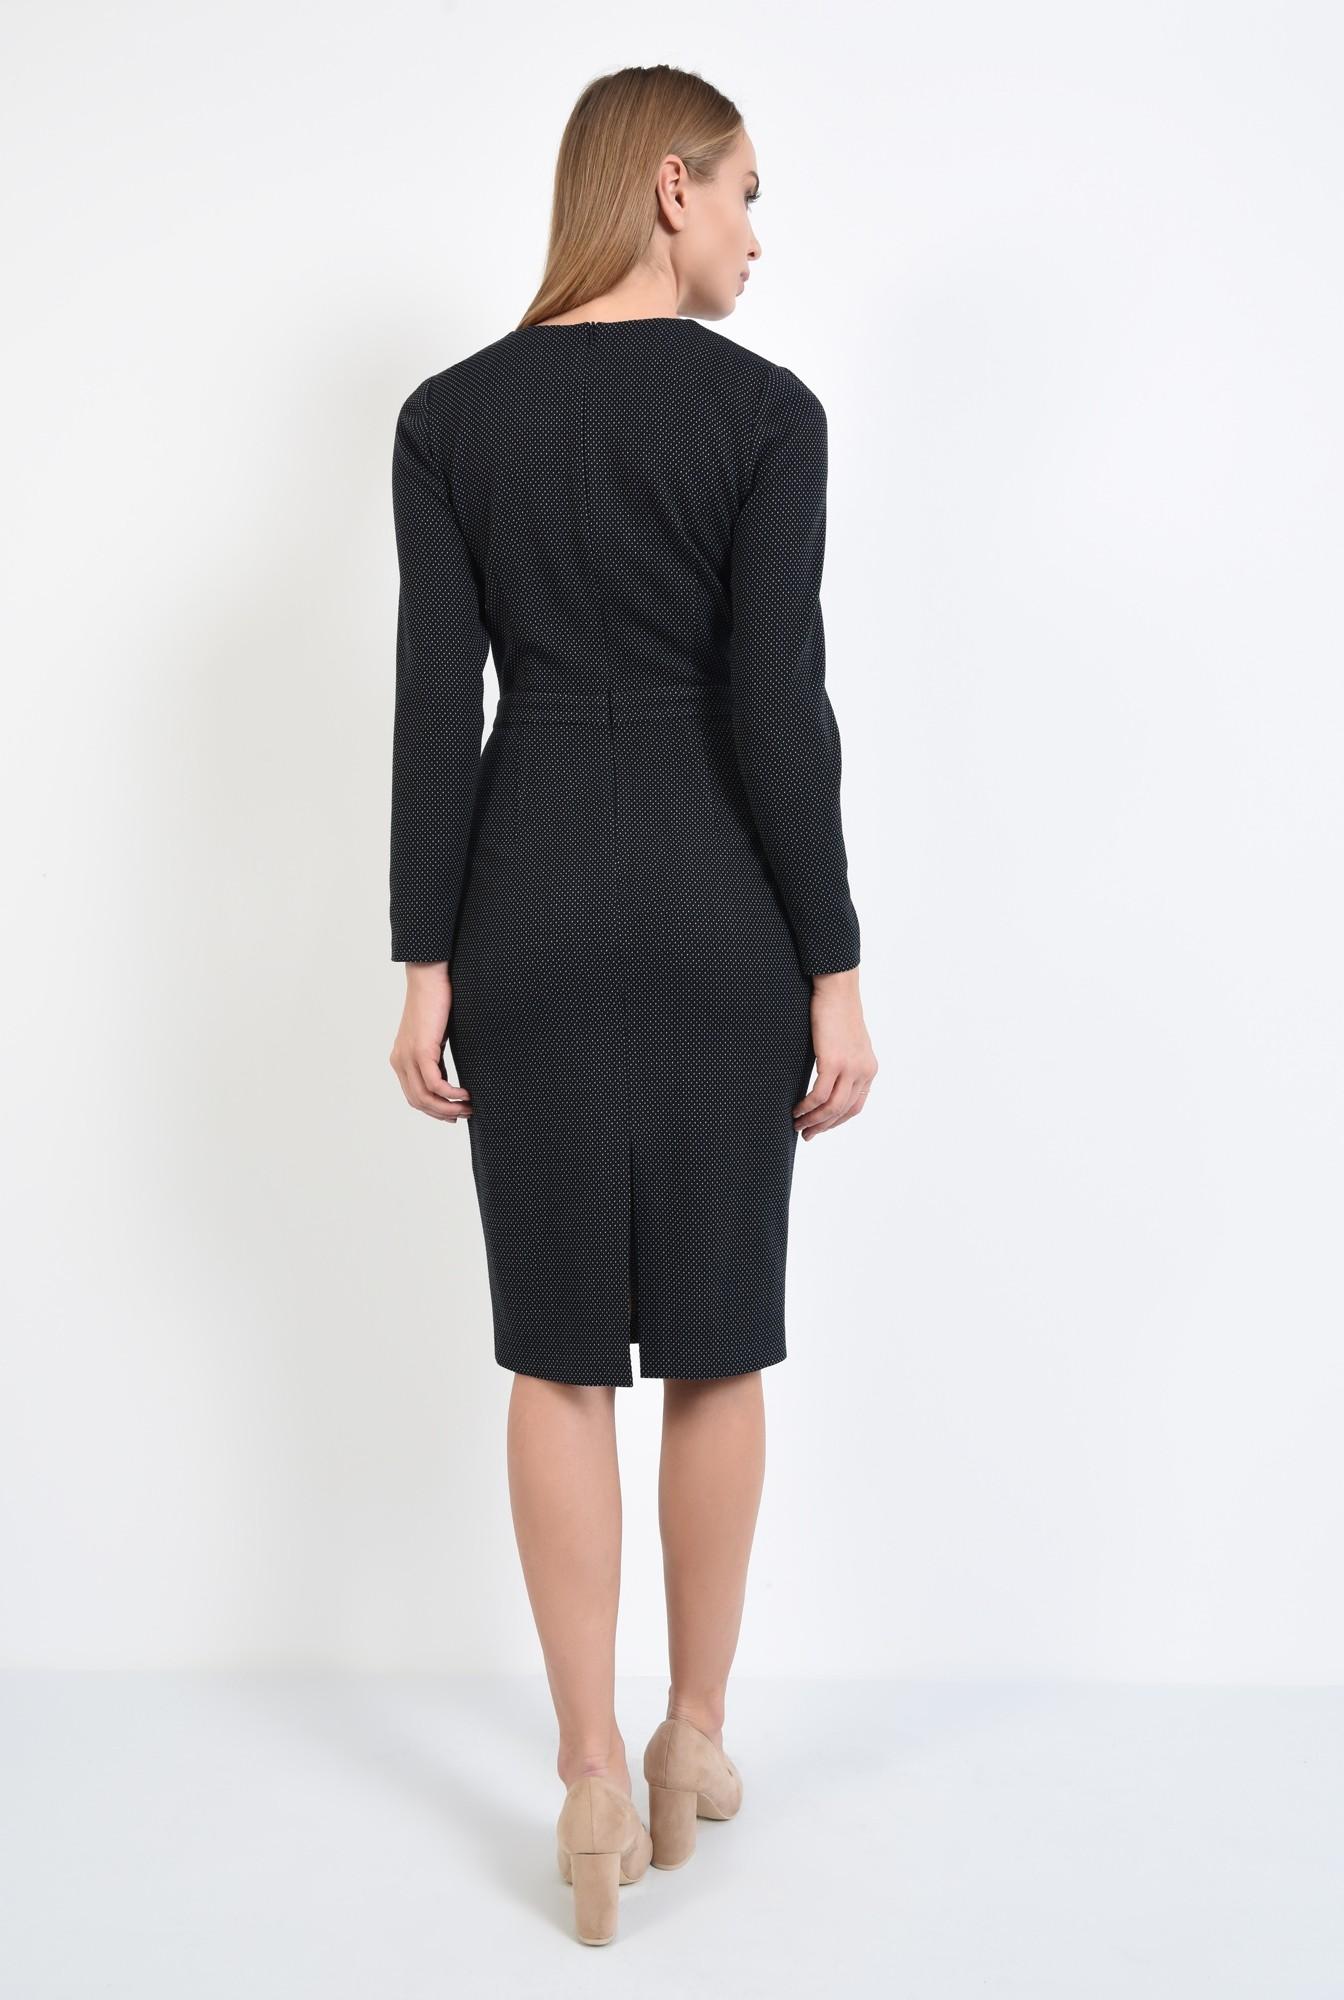 1 - 360 - rochie neagra, cambrata, cu betelie, maneci lungi